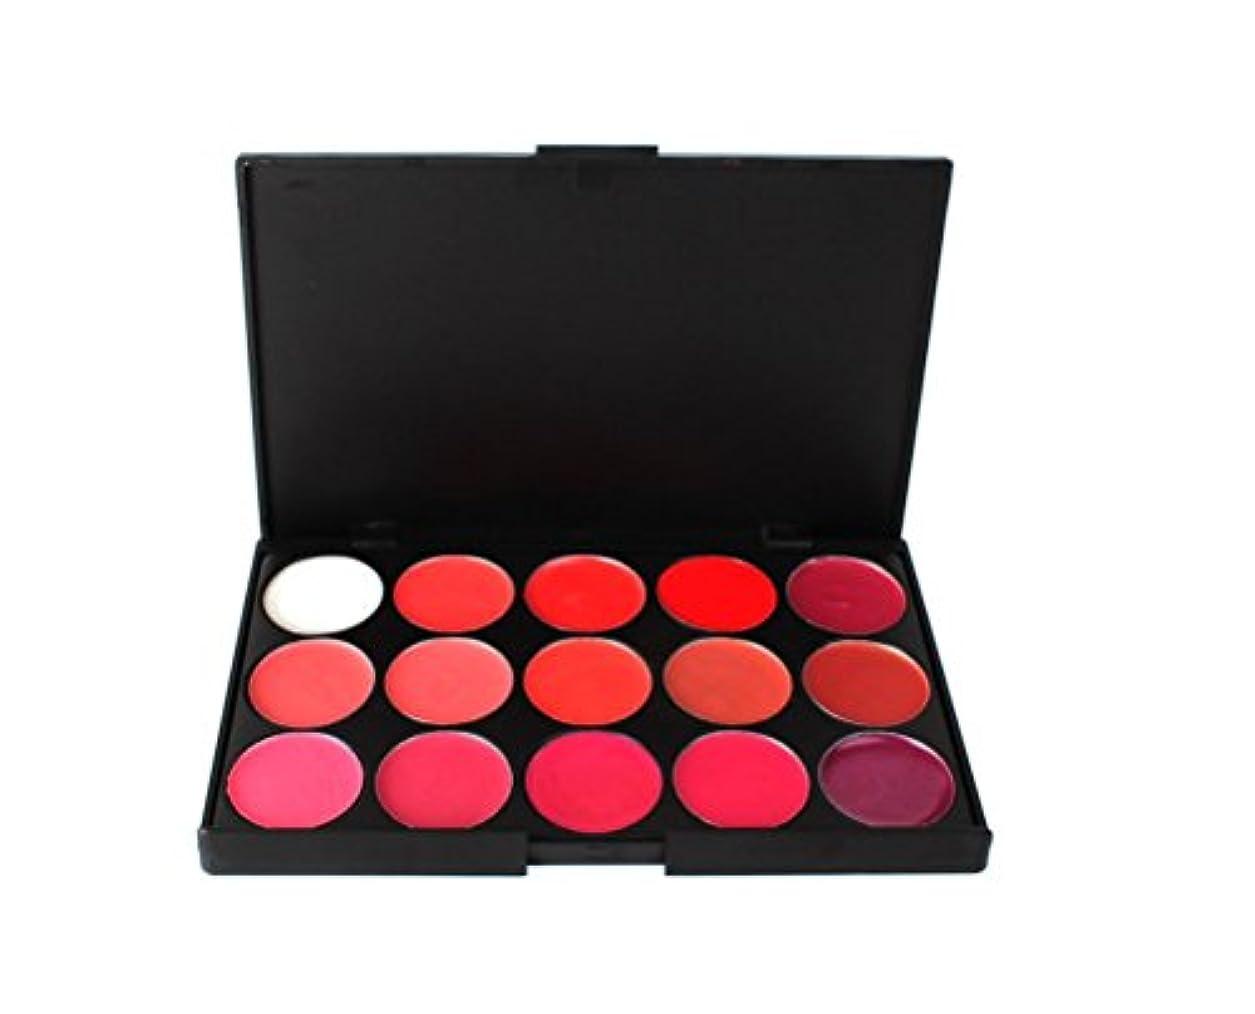 前提条件感嘆特異性MakeupAcc15色リップパレット ばら色/オレンジ系/ダークレッド/ワイルドローズ/ディープチェリー メイクカラー コスメ [並行輸入品]